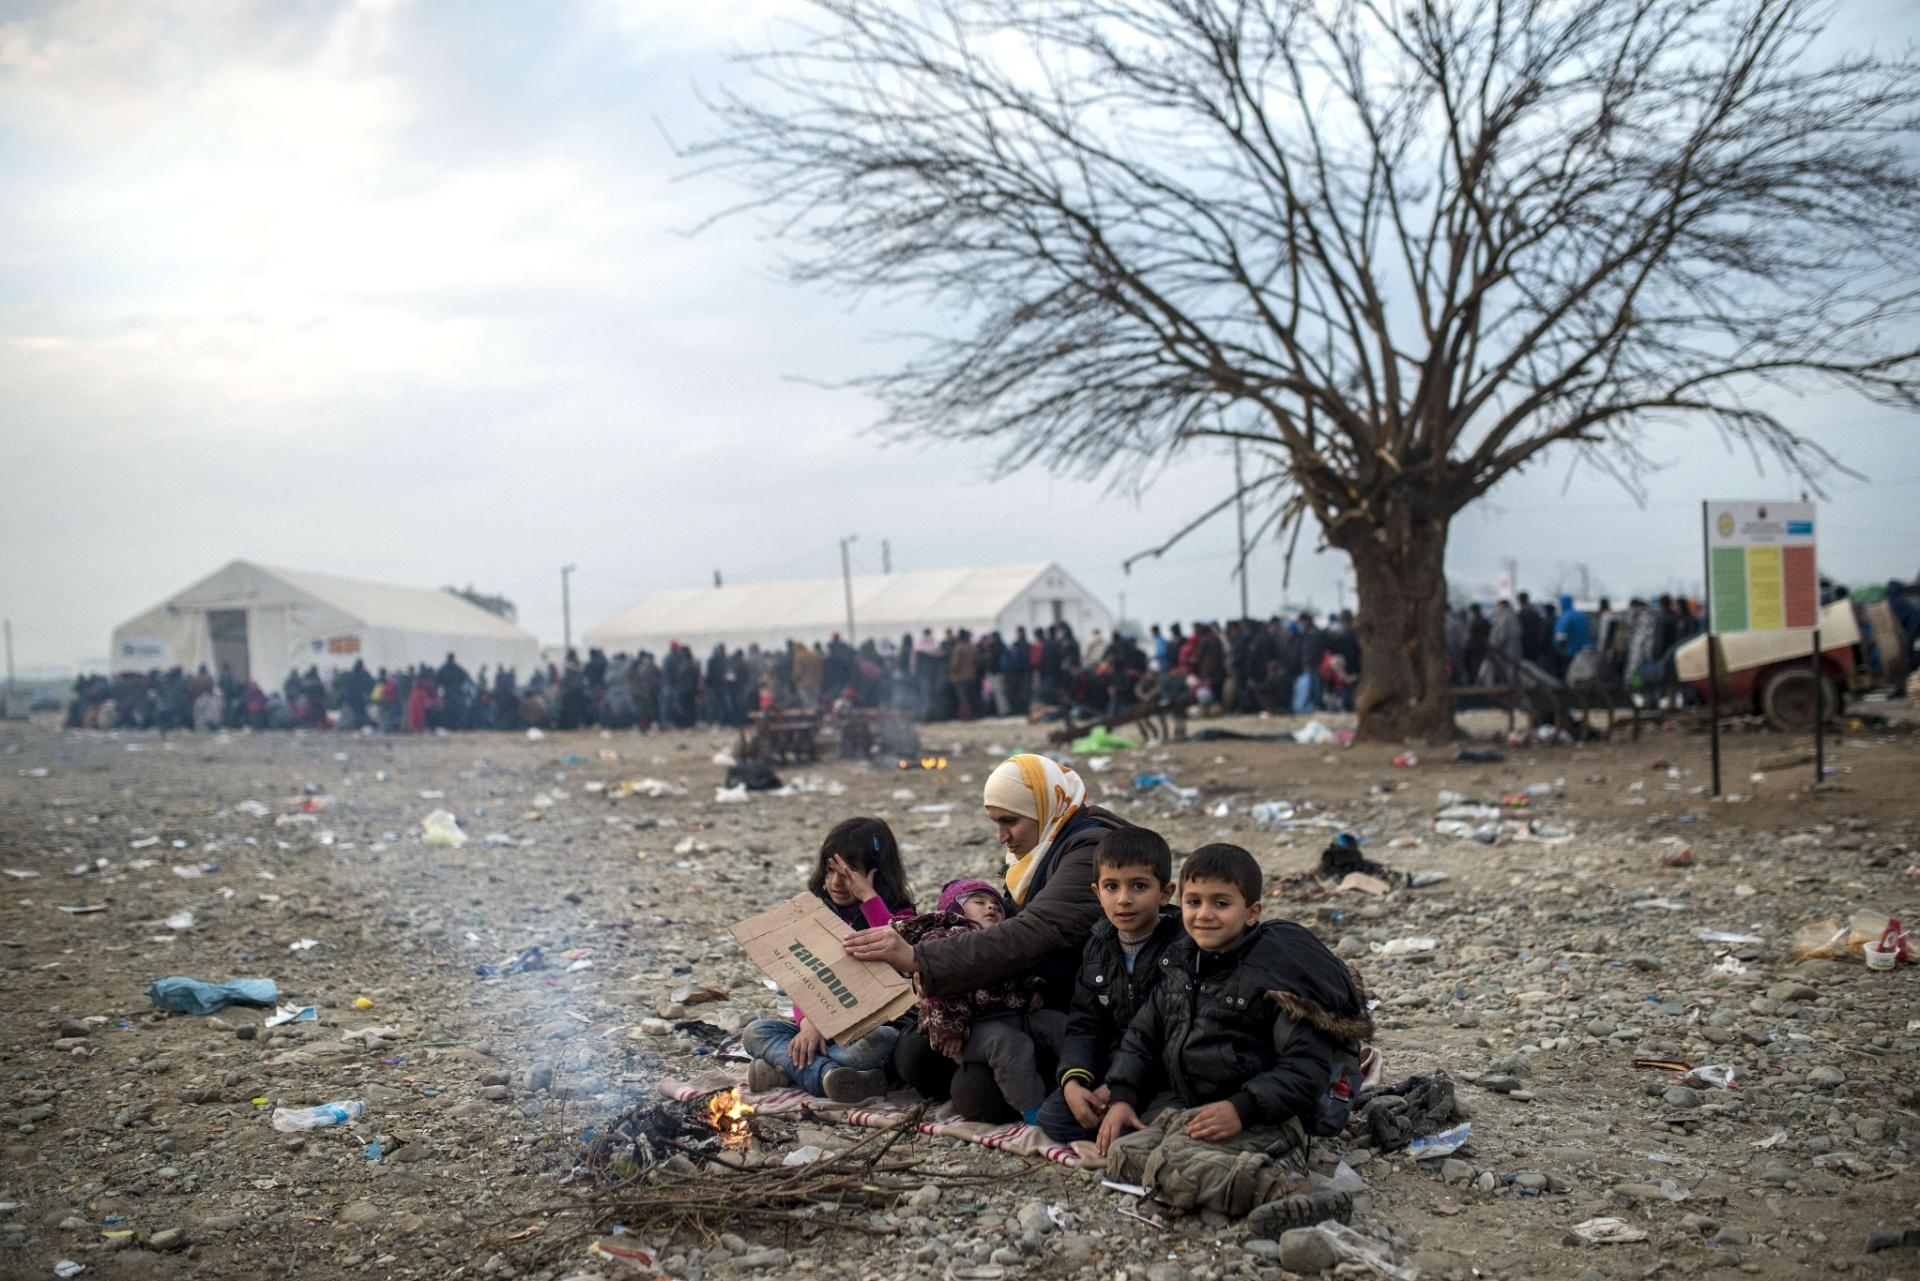 22.nov.2015 - Refugiada e seus filhos tentam se aquecer ao redor de uma fogueira enquanto esperam receber registro de entrada na Europa em região próxima à Gevgelija, entre Sérvia e Macedônia. Uma enorme fila se forma no posto de atendimento que foi erguido no local